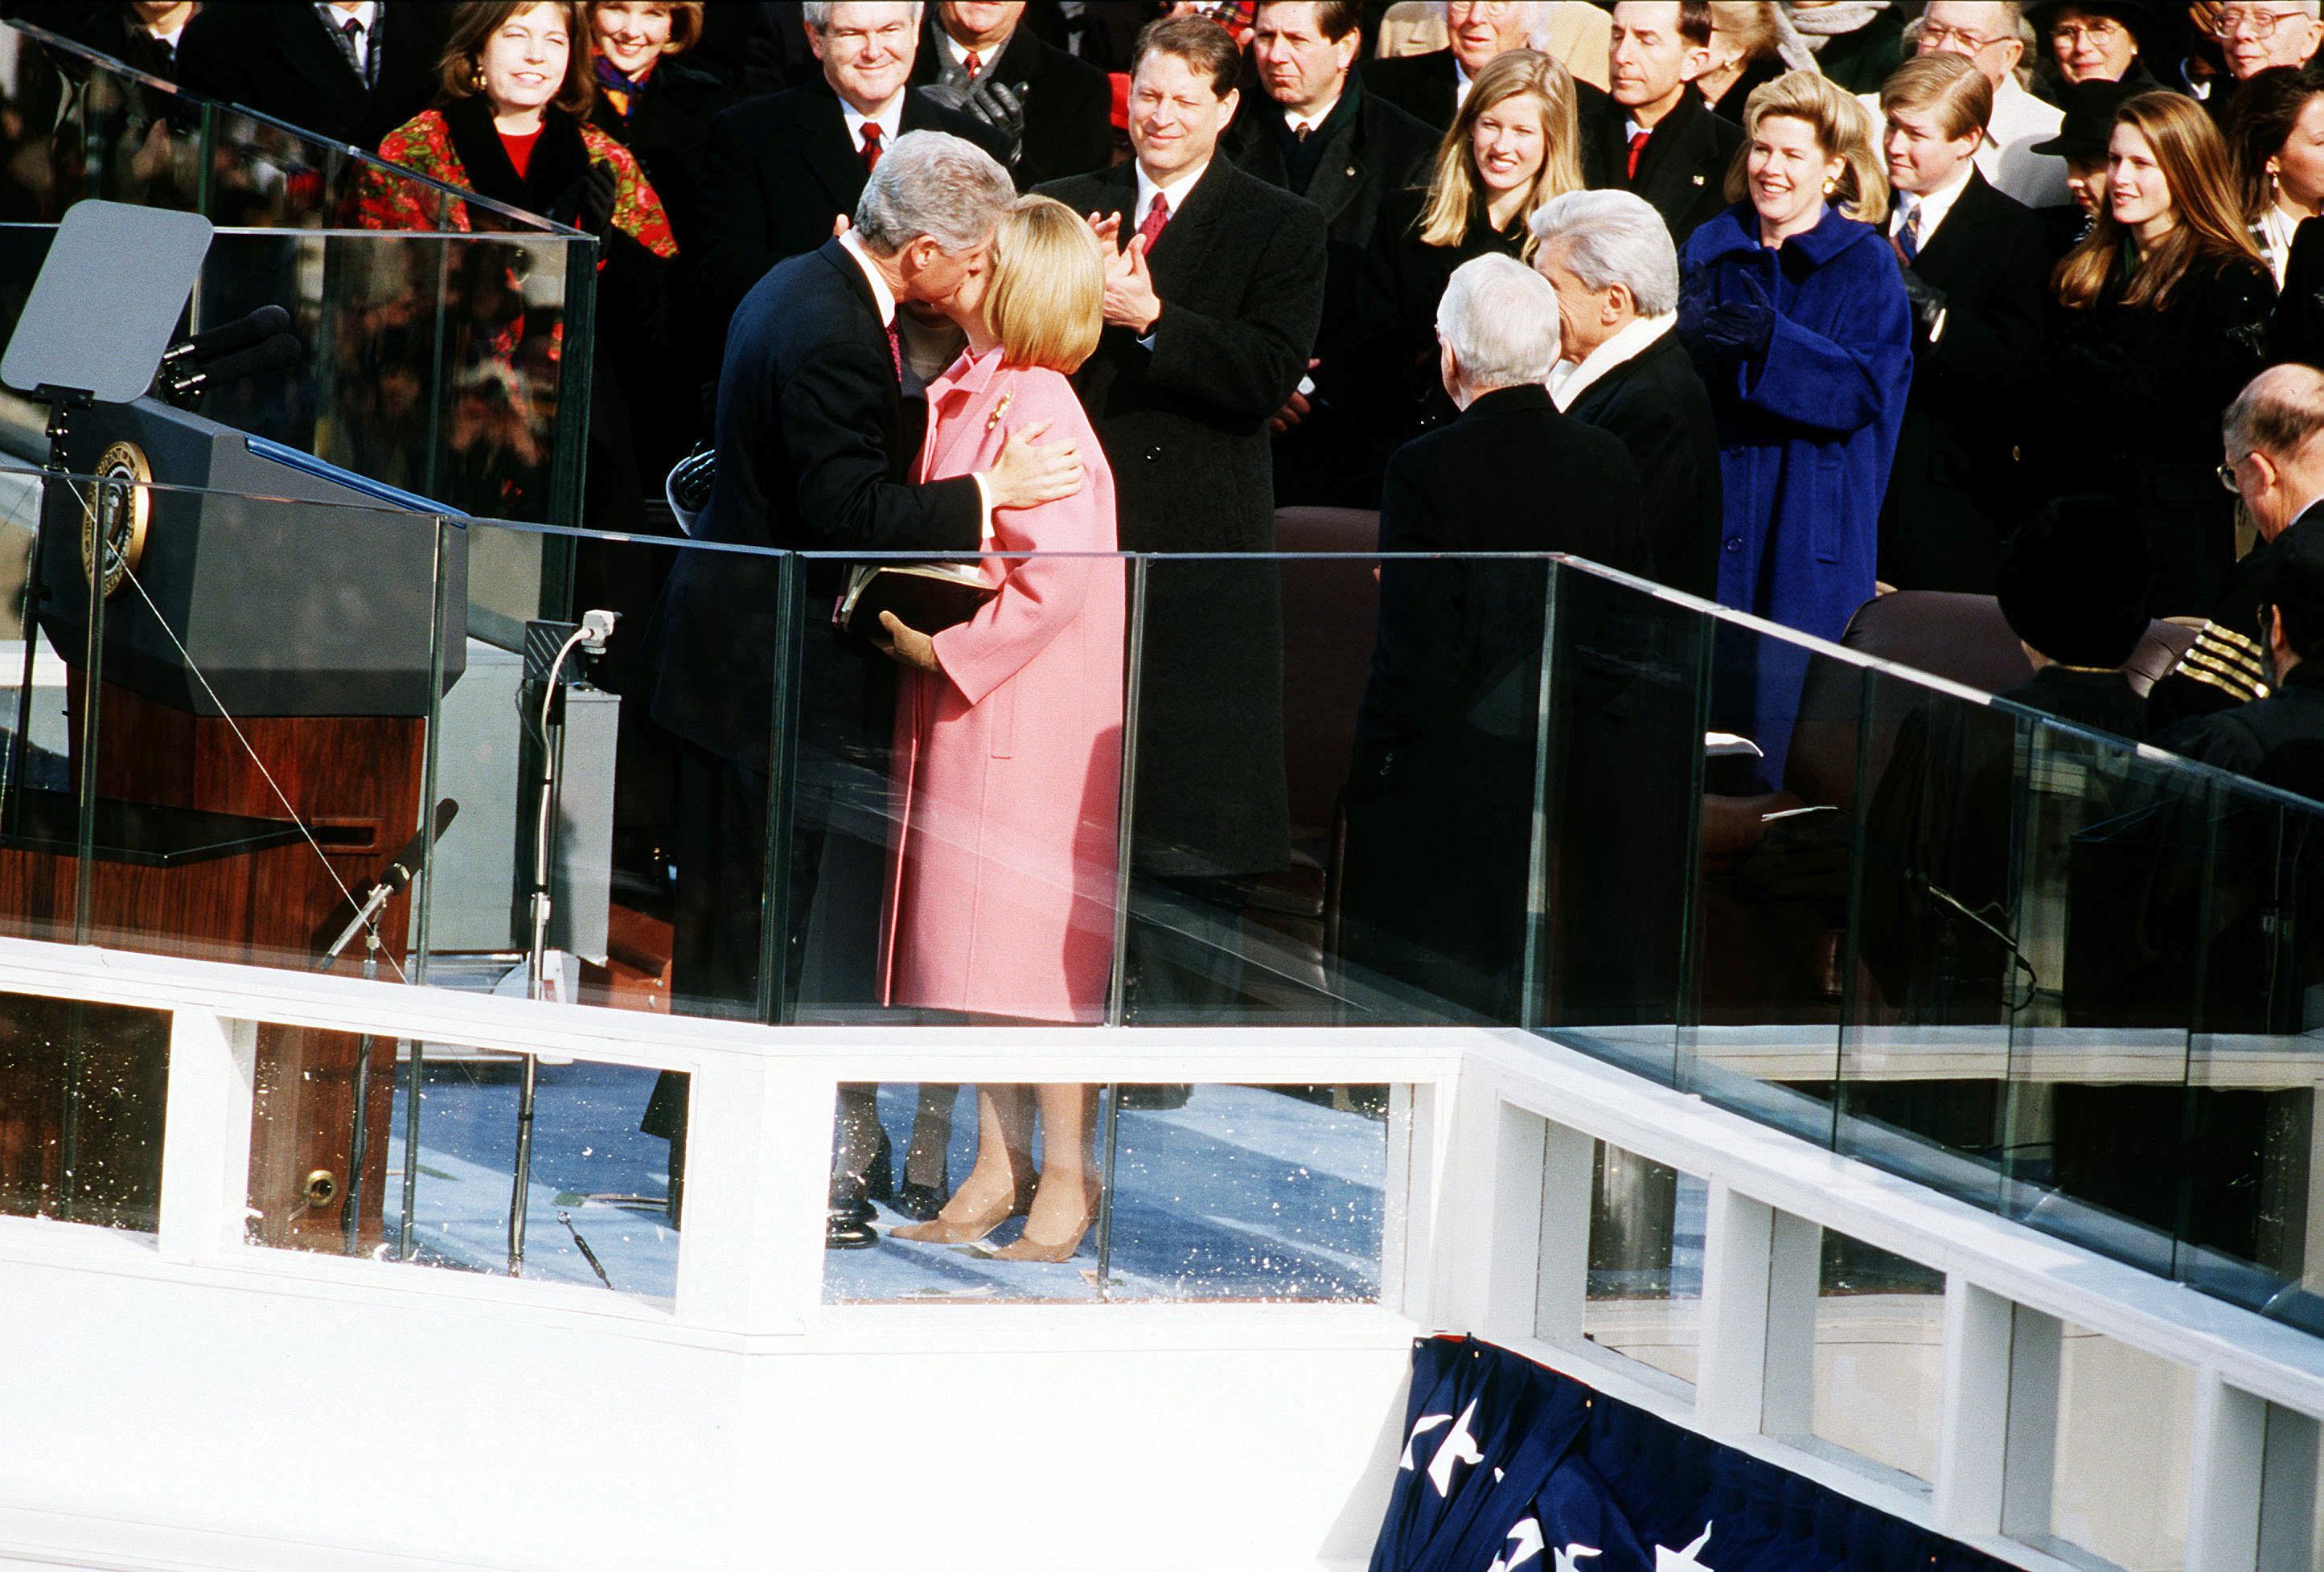 Bill Clinton Kiss My Ass 67